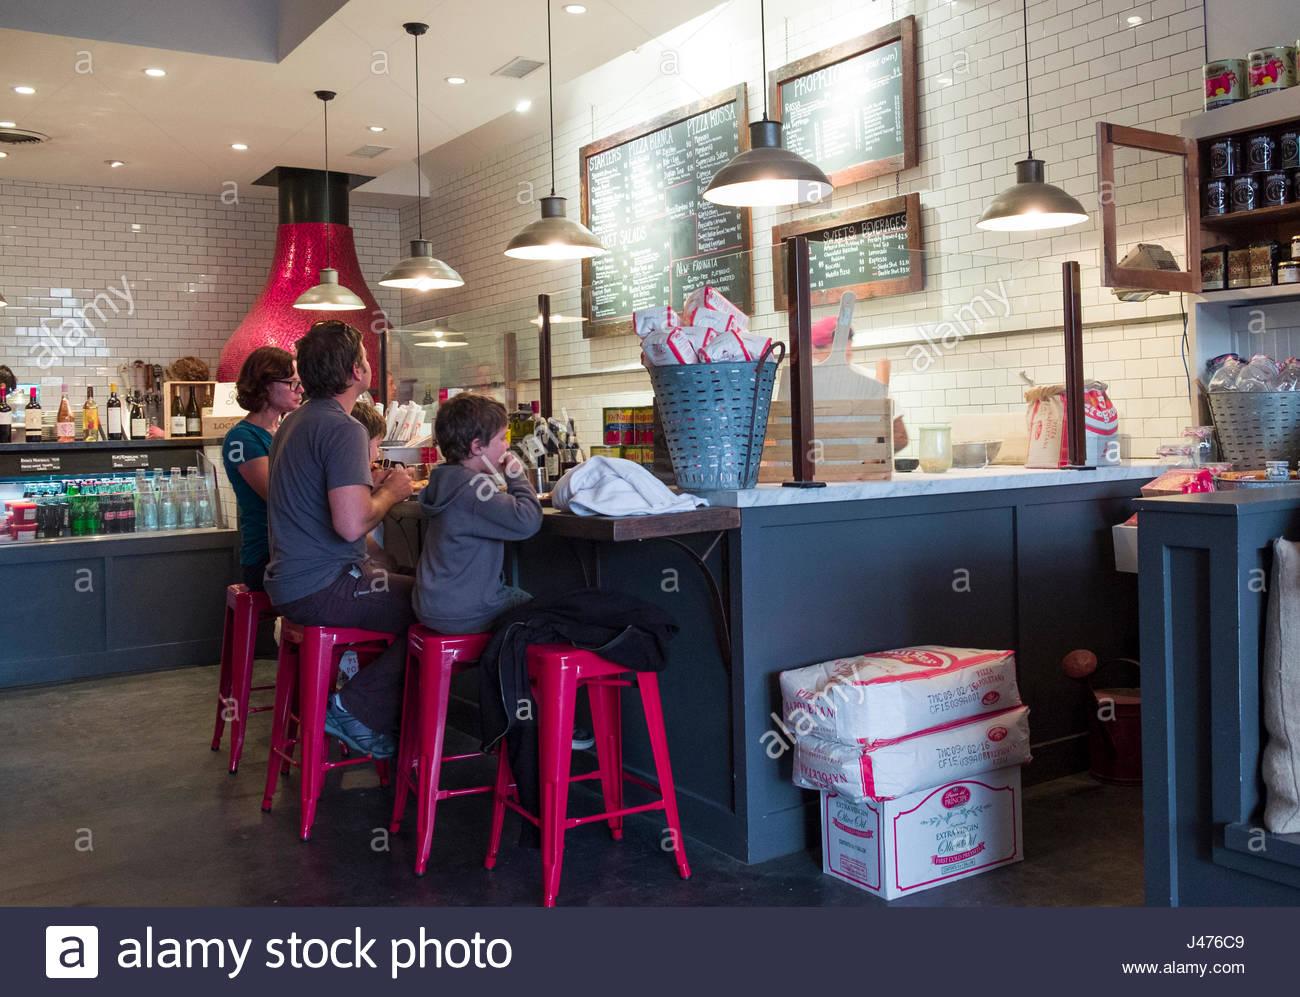 Persone sedute su sgabelli a contatore interno locale pizza